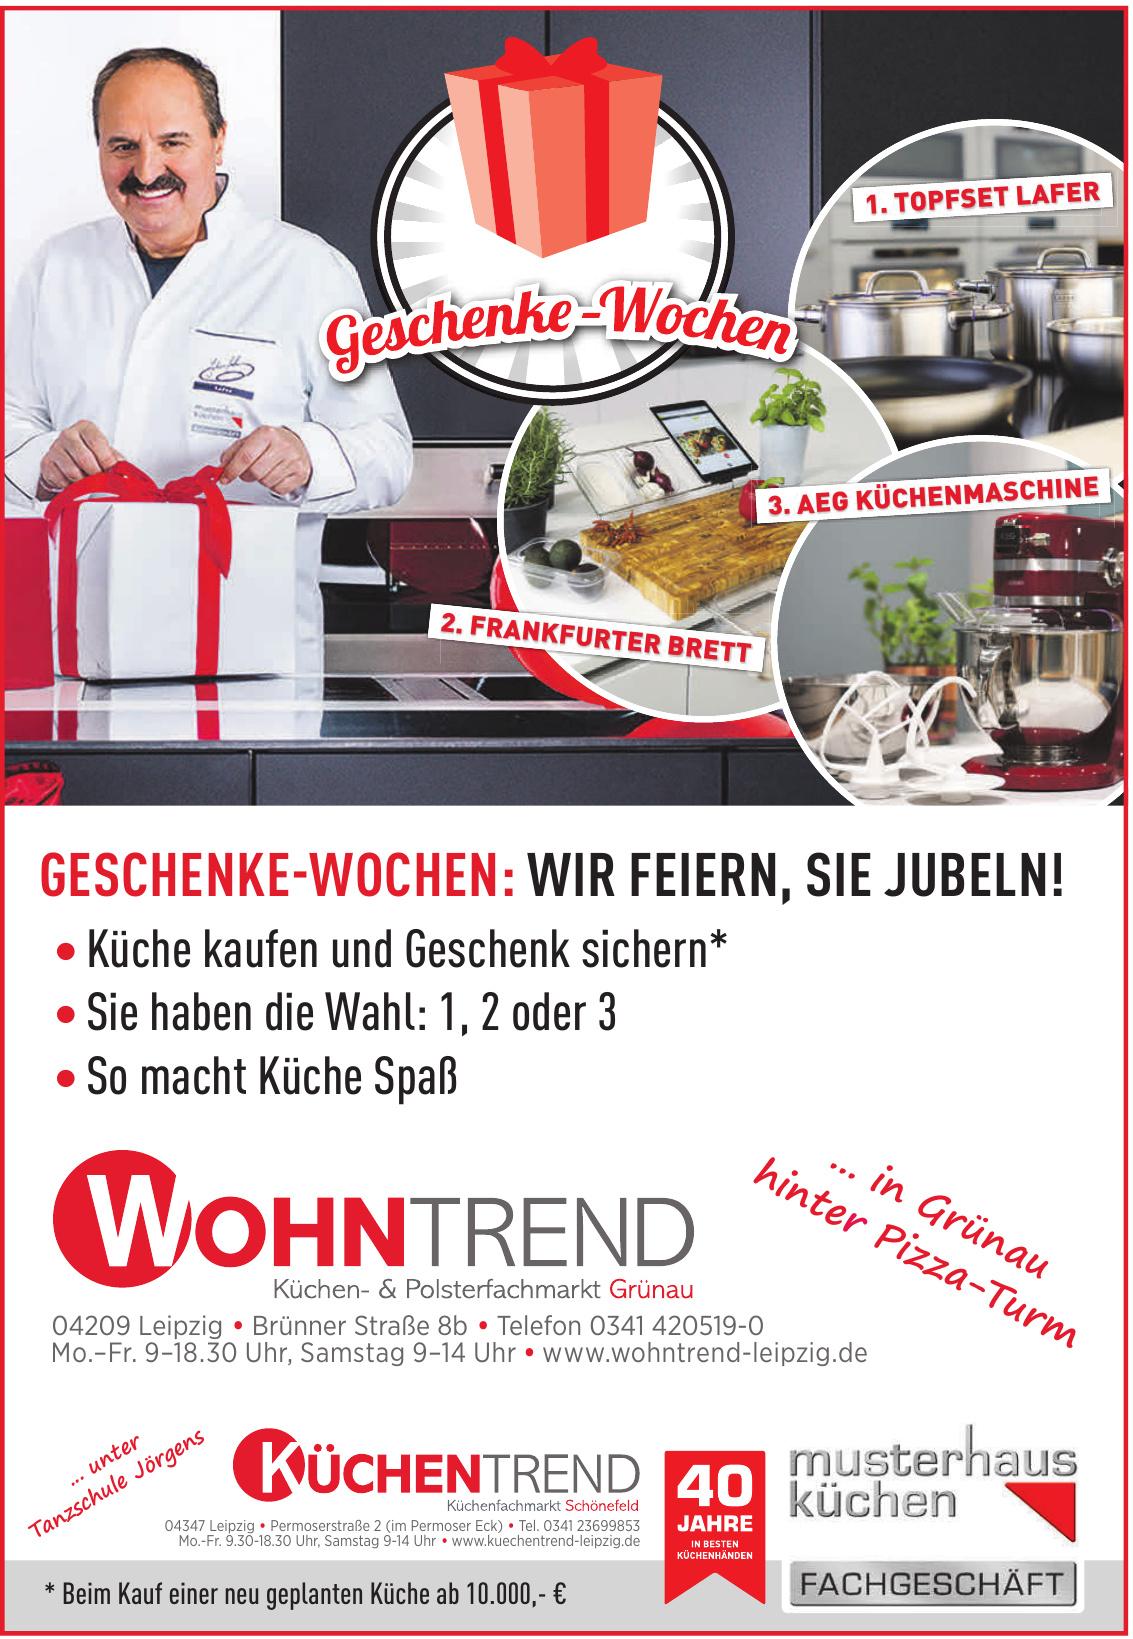 Wohntrend Küchen & Polsterfachmarkt Grünau